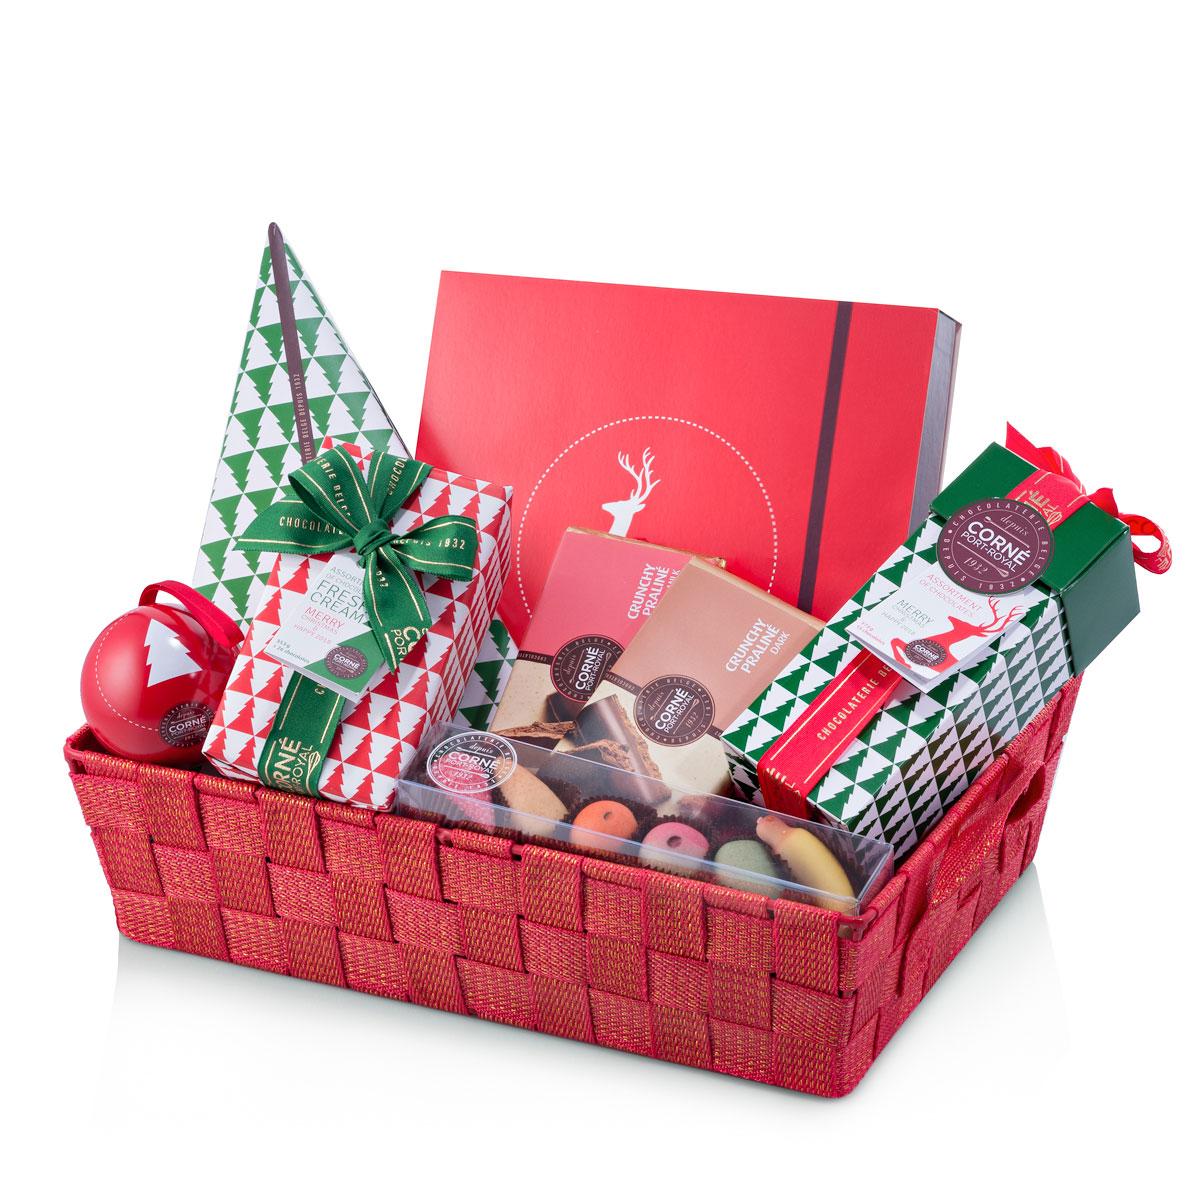 Panier Cadeau Ou Panier Cadeau : Corn? port royal panier cadeau chocolats no?l cadofrance